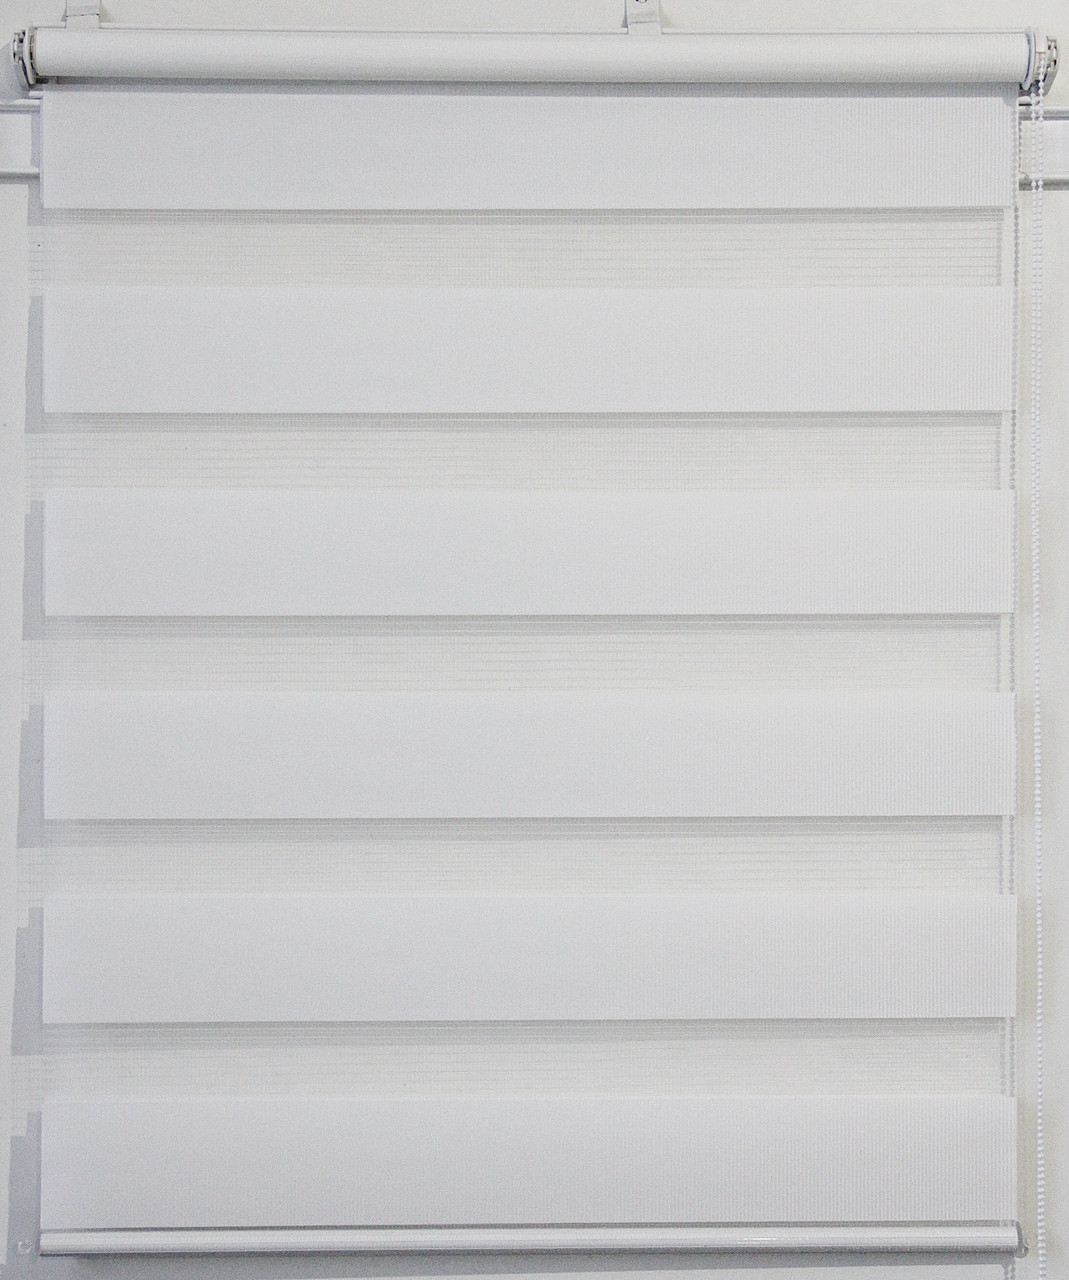 Готовые рулонные шторы 1300*1300 Ткань ВН-01 Белый